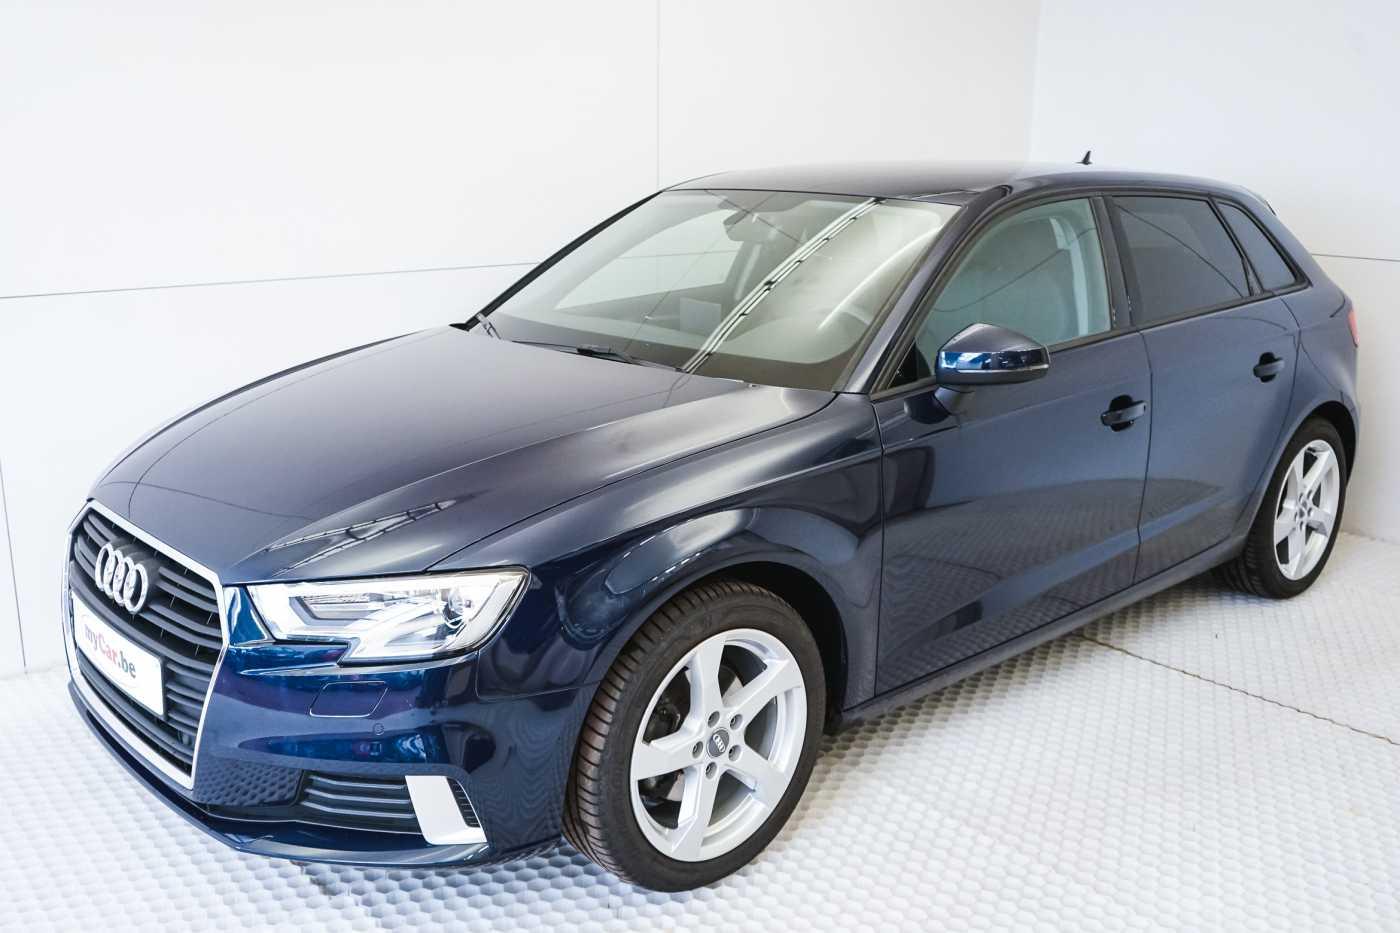 Audi A3 1.6 TDi Sport // dualzone airco, navi, zetelverwarming 3/33